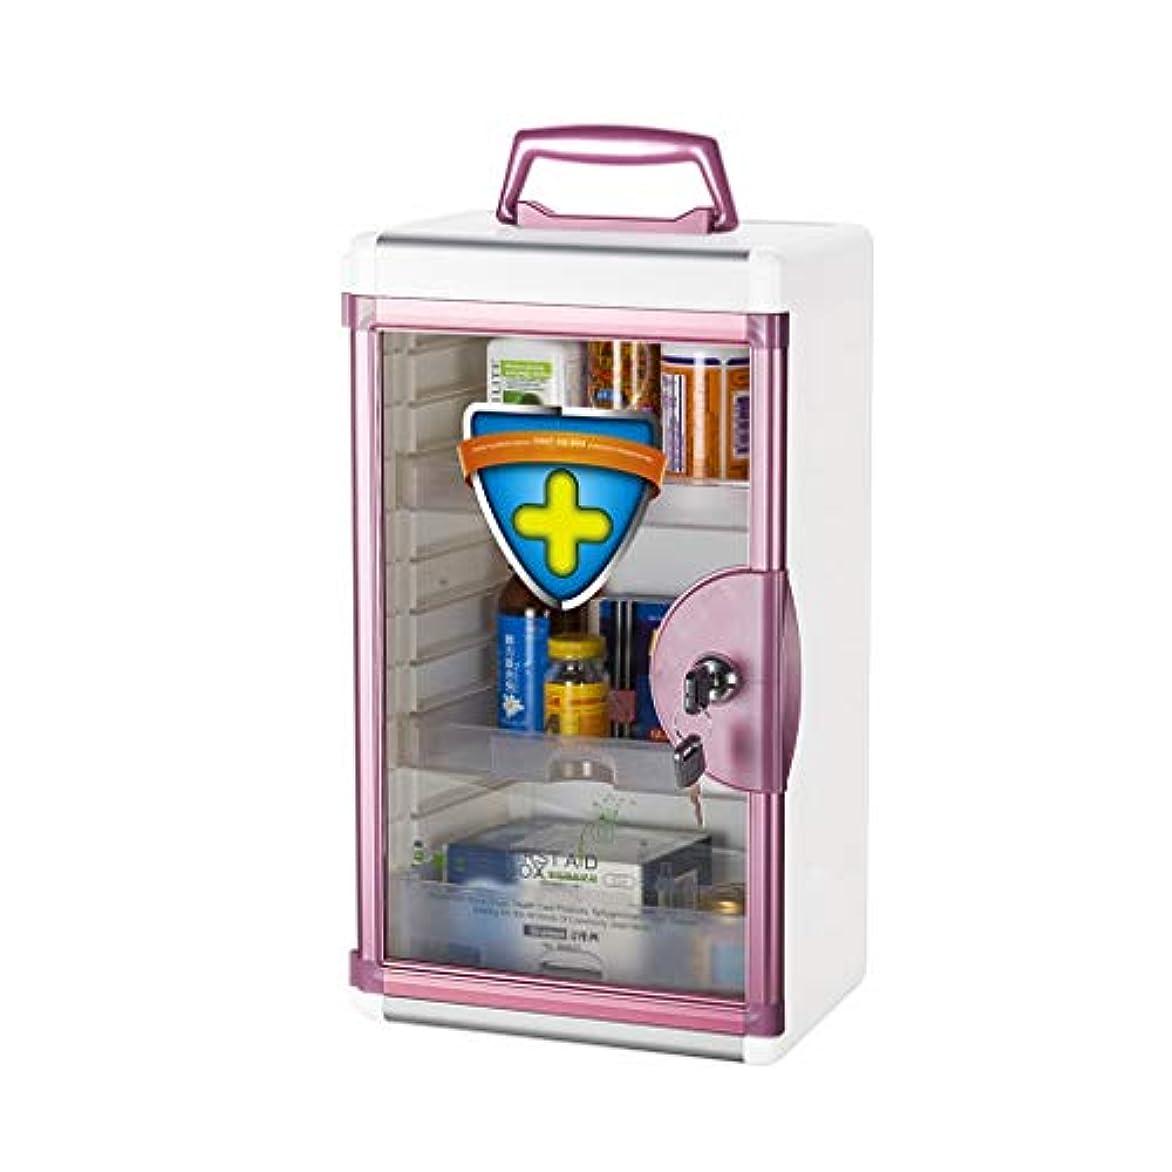 閉じる裏切る銛壁掛け大容量家庭用大型薬箱薬収納ボックス応急処置 HUXIUPING (Color : Pink)